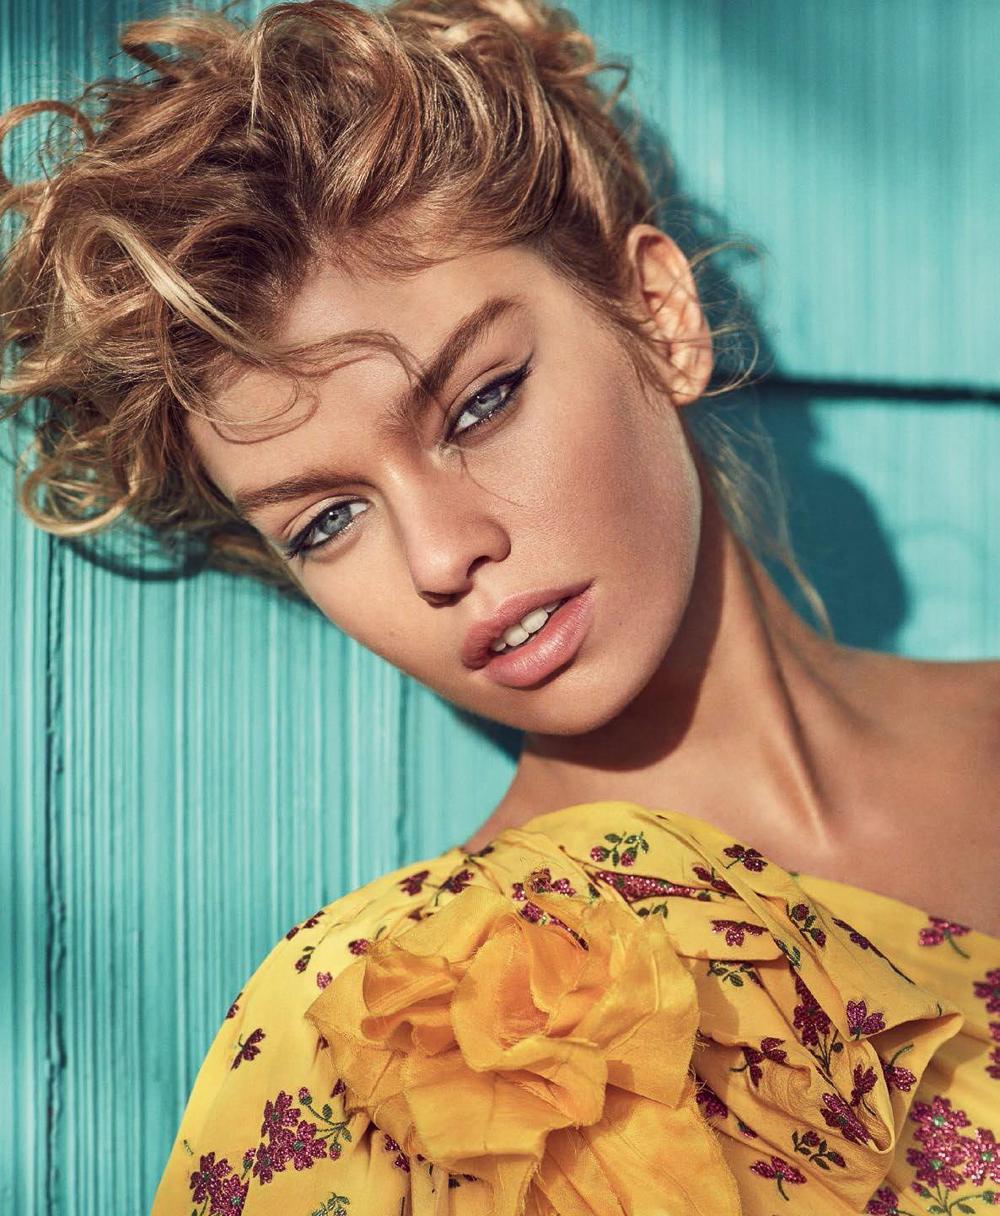 Vogue Turkey